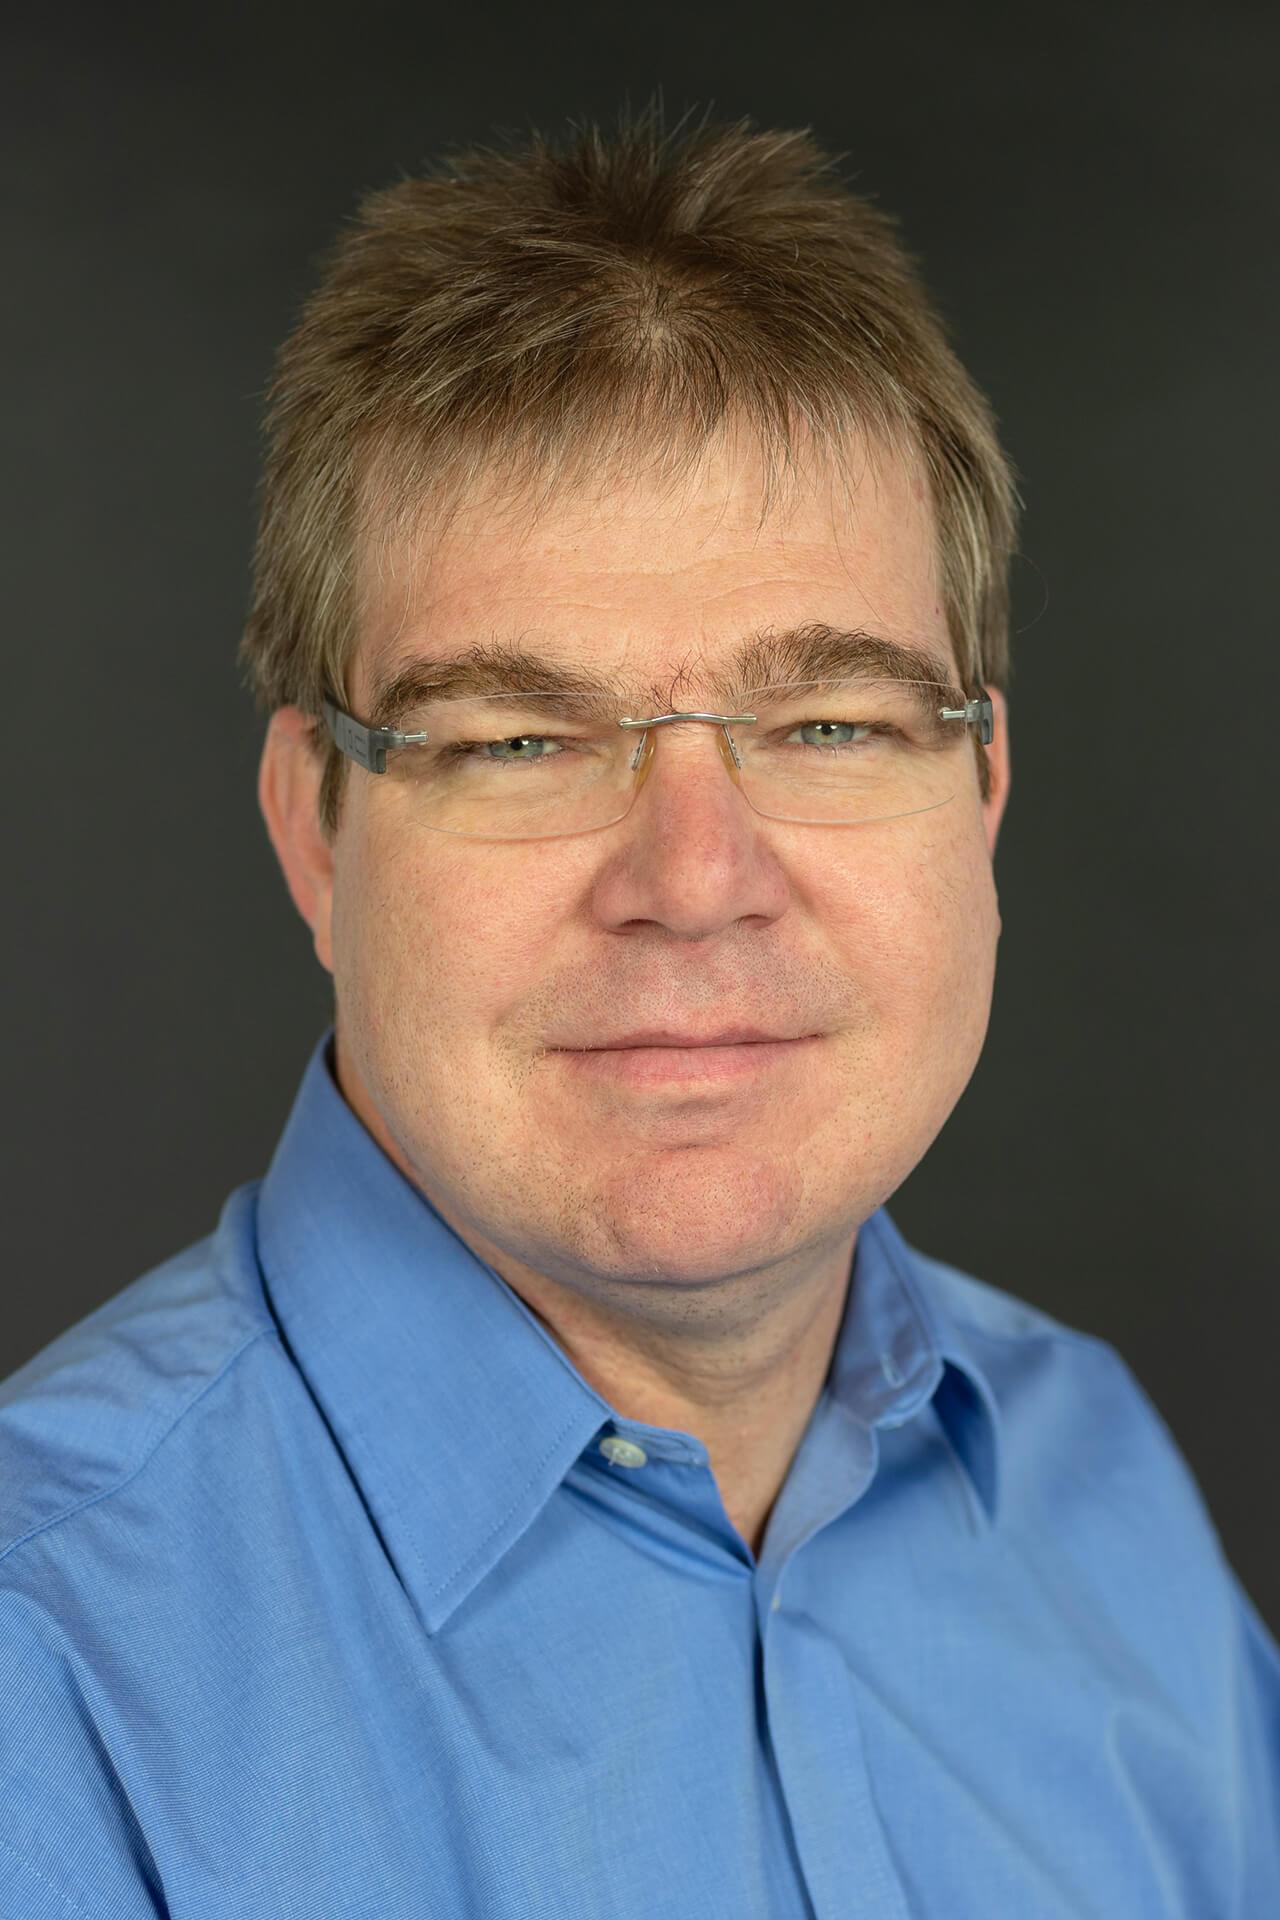 Feinwerkmechanikermeister Carsten Musmann